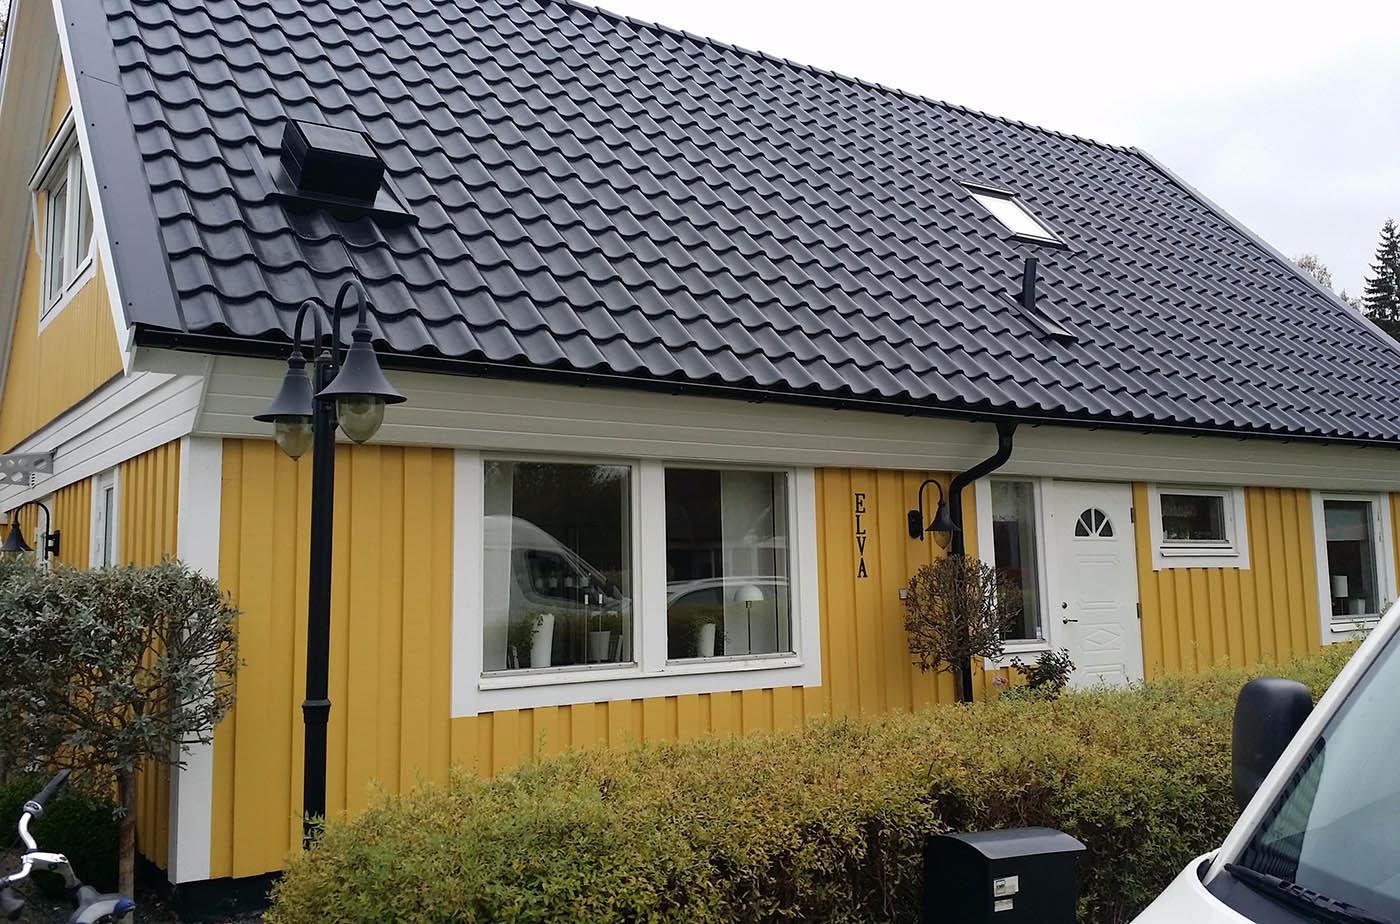 Vi har takläggare i Växjö för alla slags tak. Här är ett svart tak med betongpannor på ett gult hus.